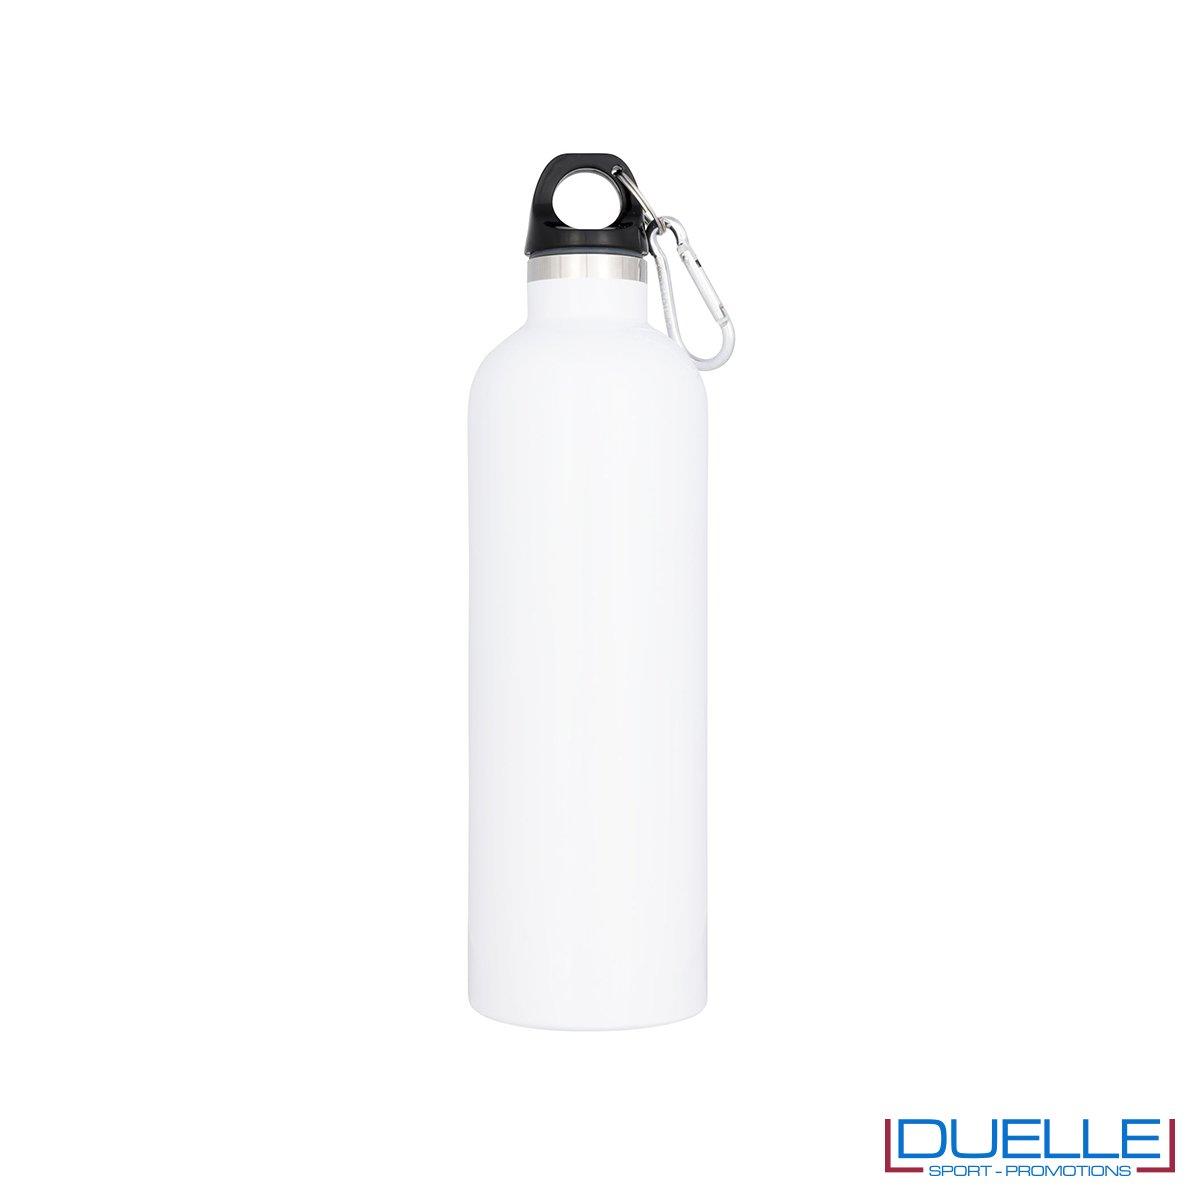 borraccia termica sottovuoto personalizzata in colore bianco